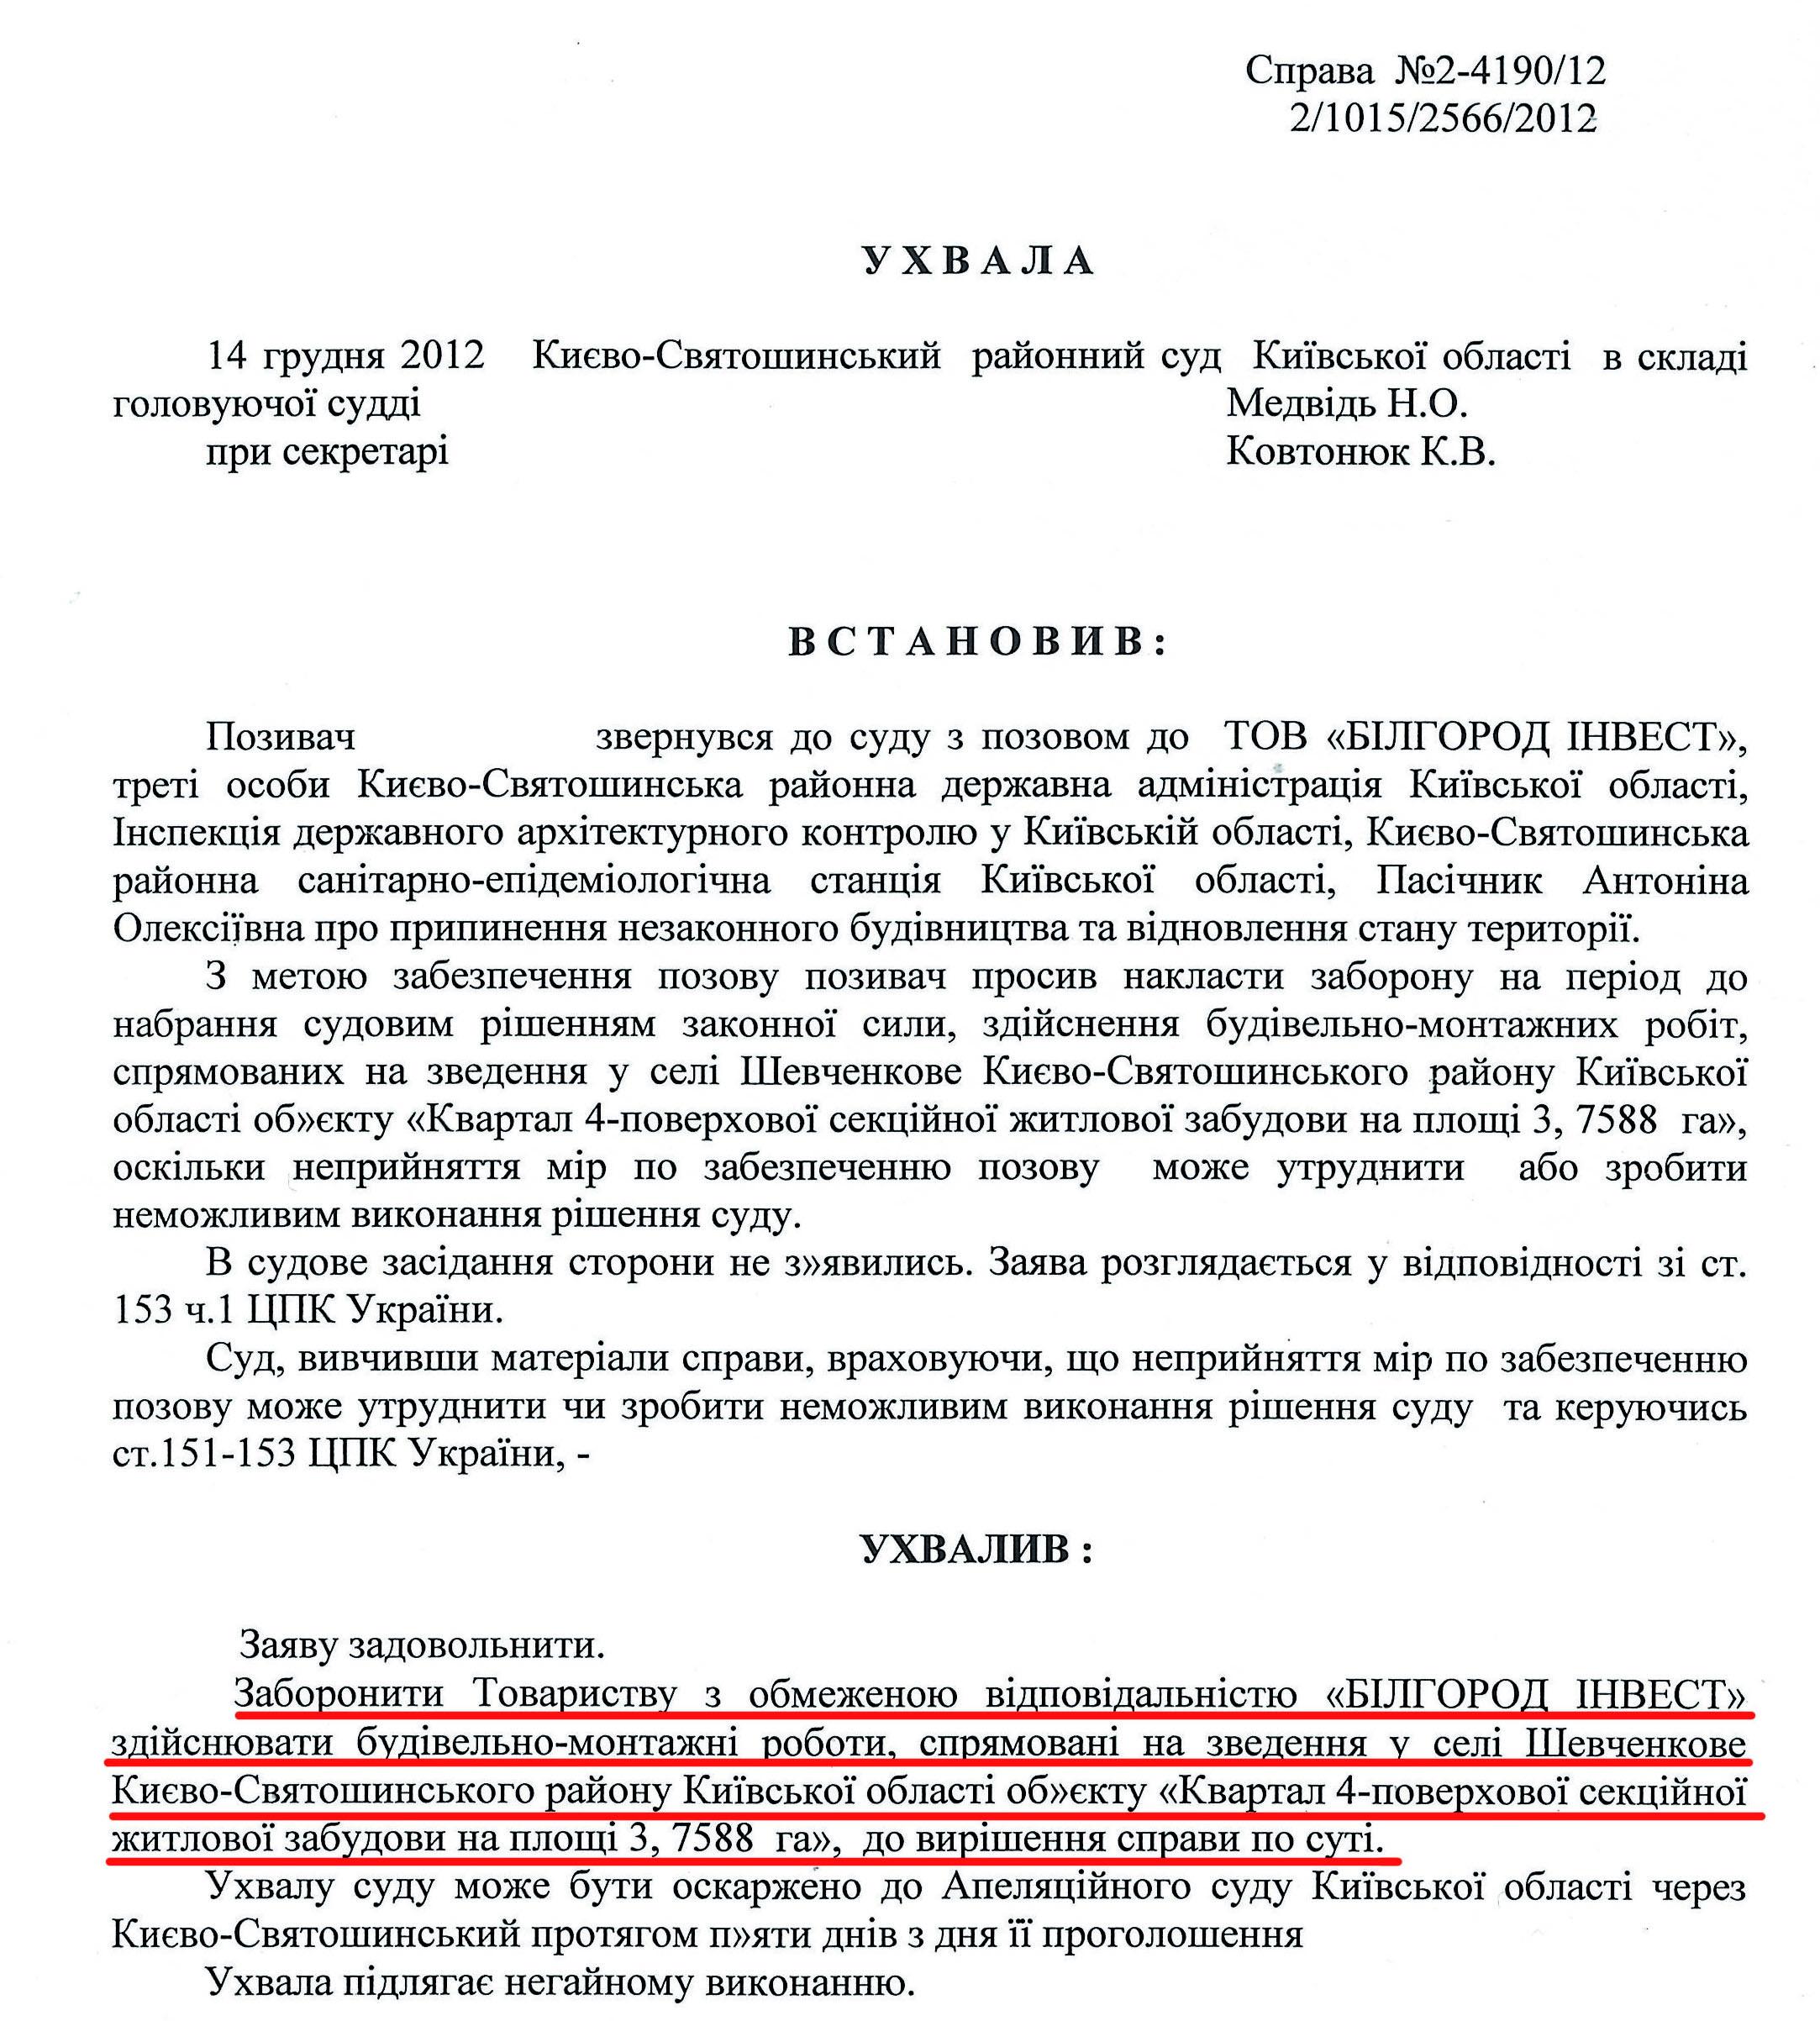 3457f2456428dd Ухвала суду, щодо призупинення будівельно-монтажних робіт